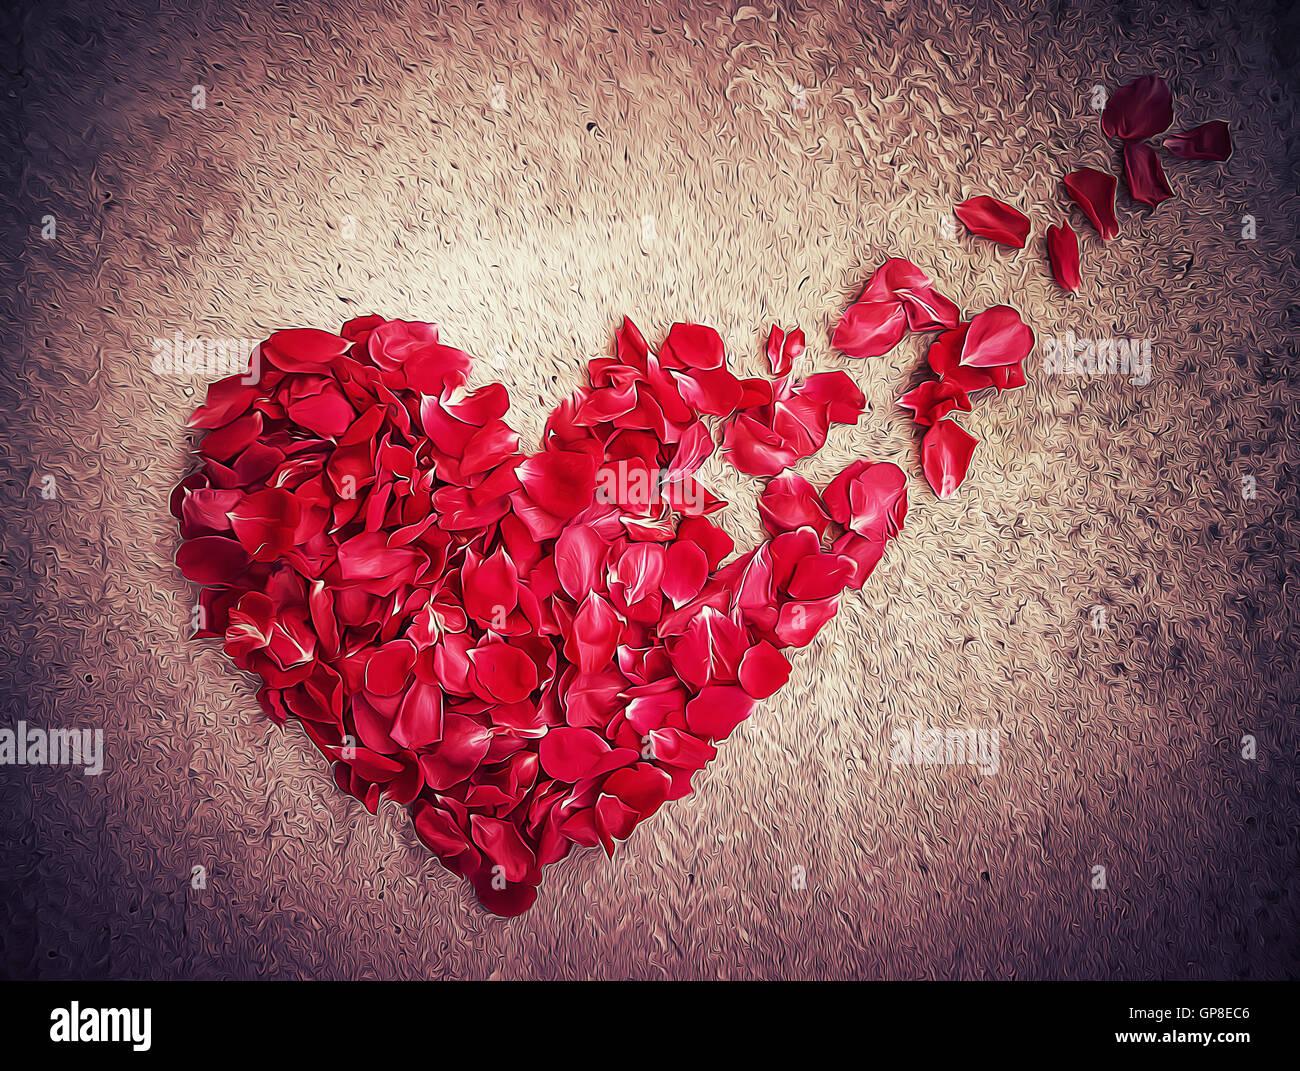 Illustration de pétales de rose disposés en forme d'un cœur brisé. Liquidation concept, la séparation et le divorce. Banque D'Images